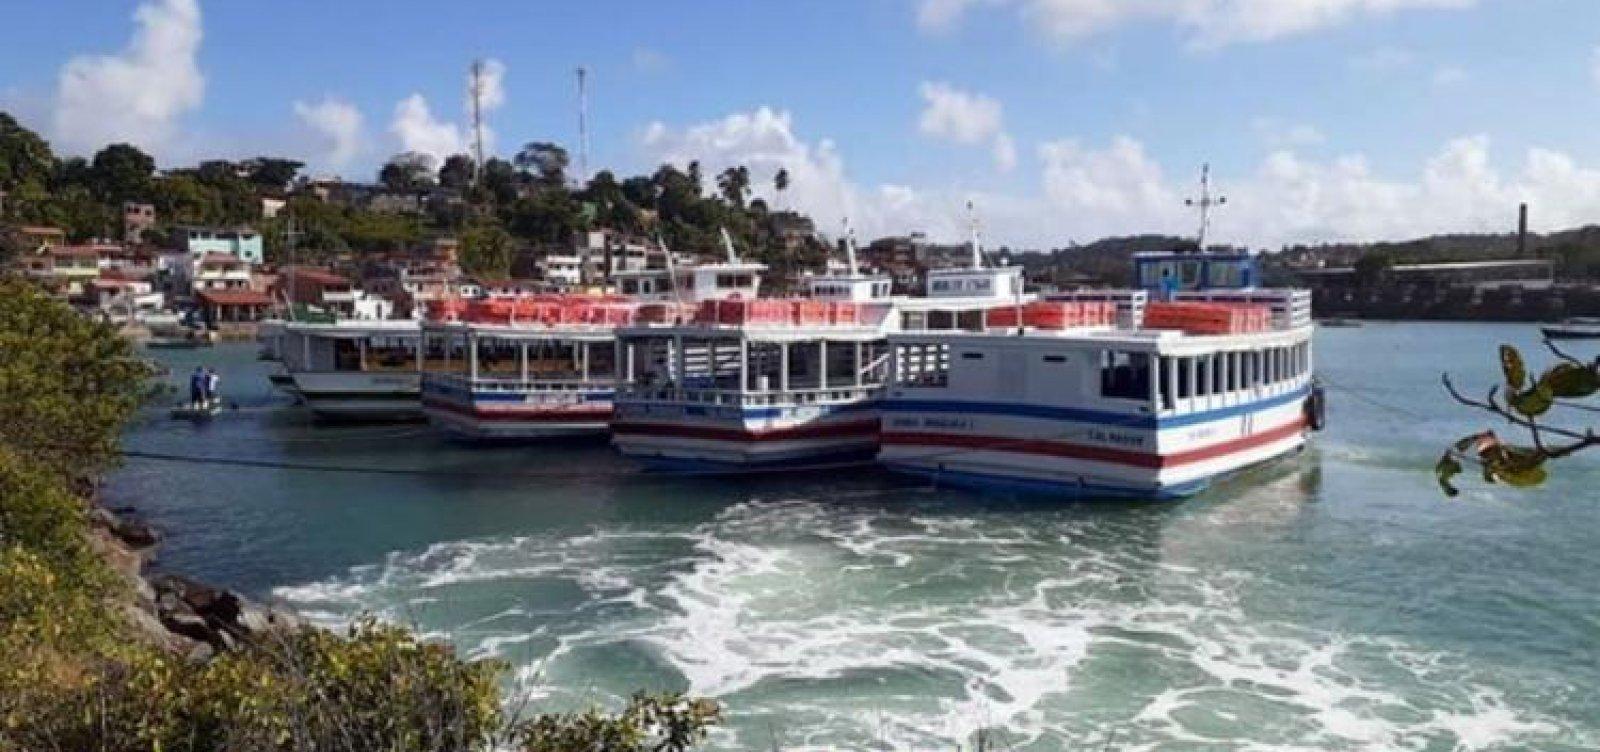 Travessia Salvador-Mar Grande funcionará normalmente durante período do São João